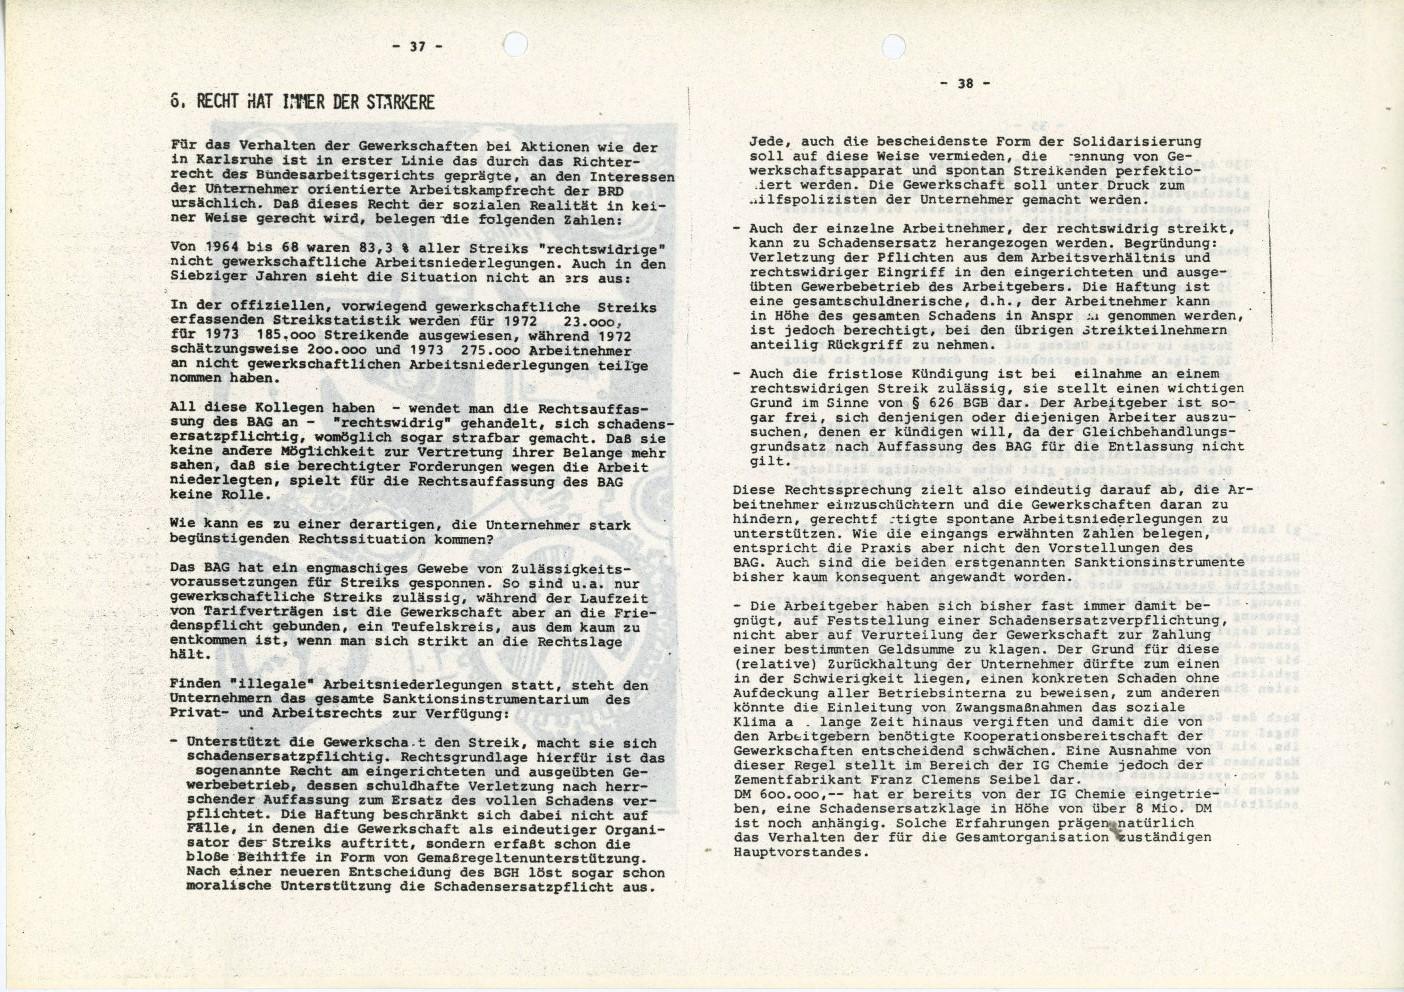 Karlsruhe_Michelin_IGCPK_Doku_zum_Arbeitskonflikt_1978_19